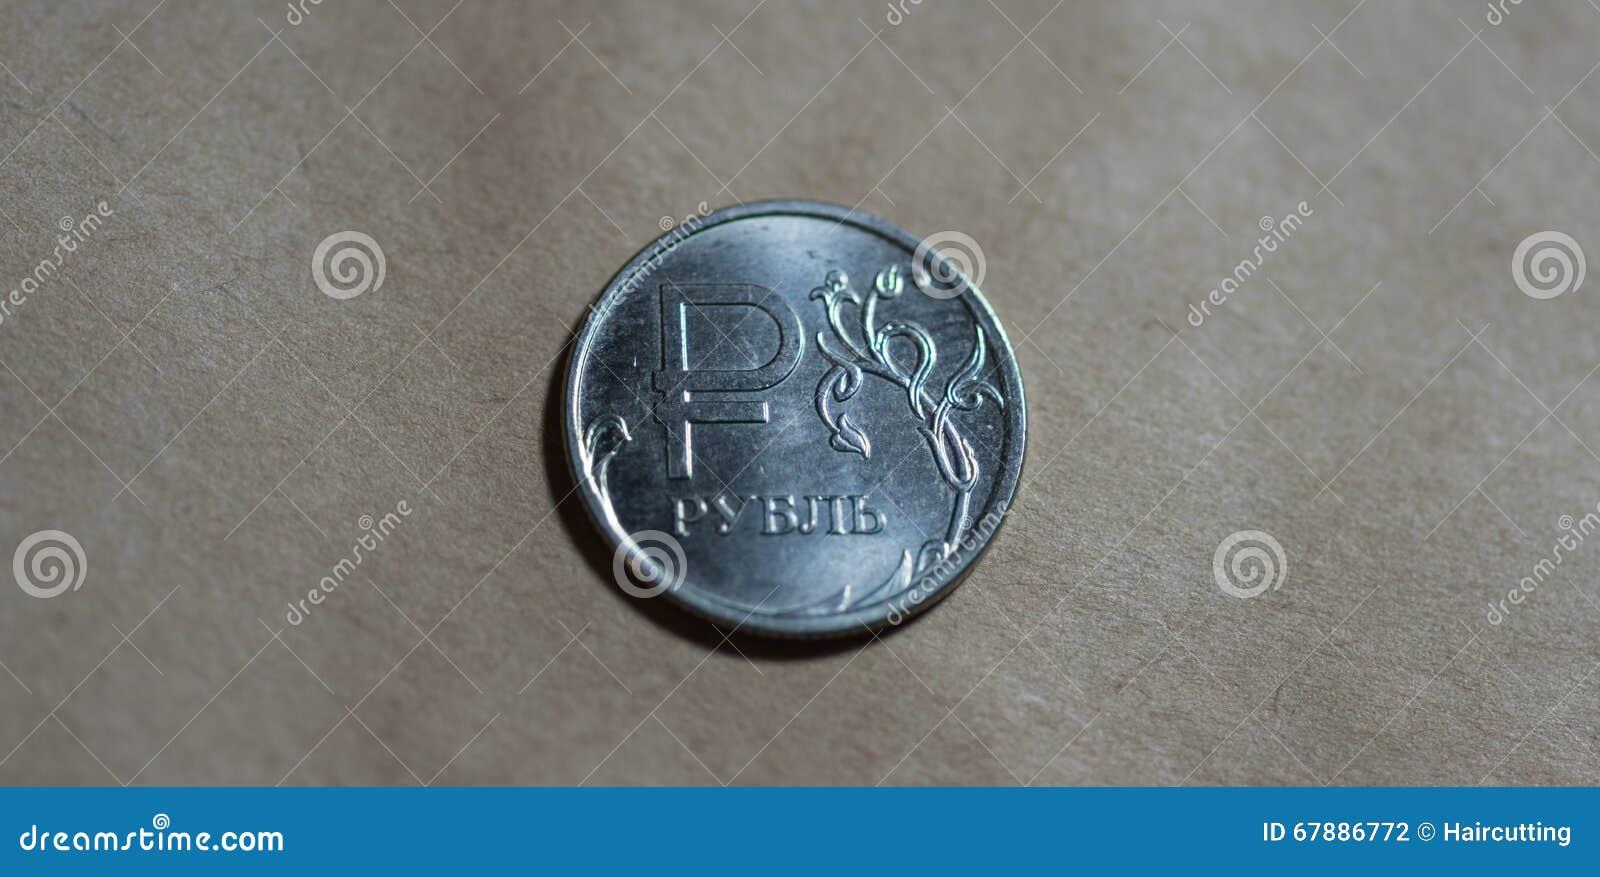 一俄罗斯卢布硬币背景